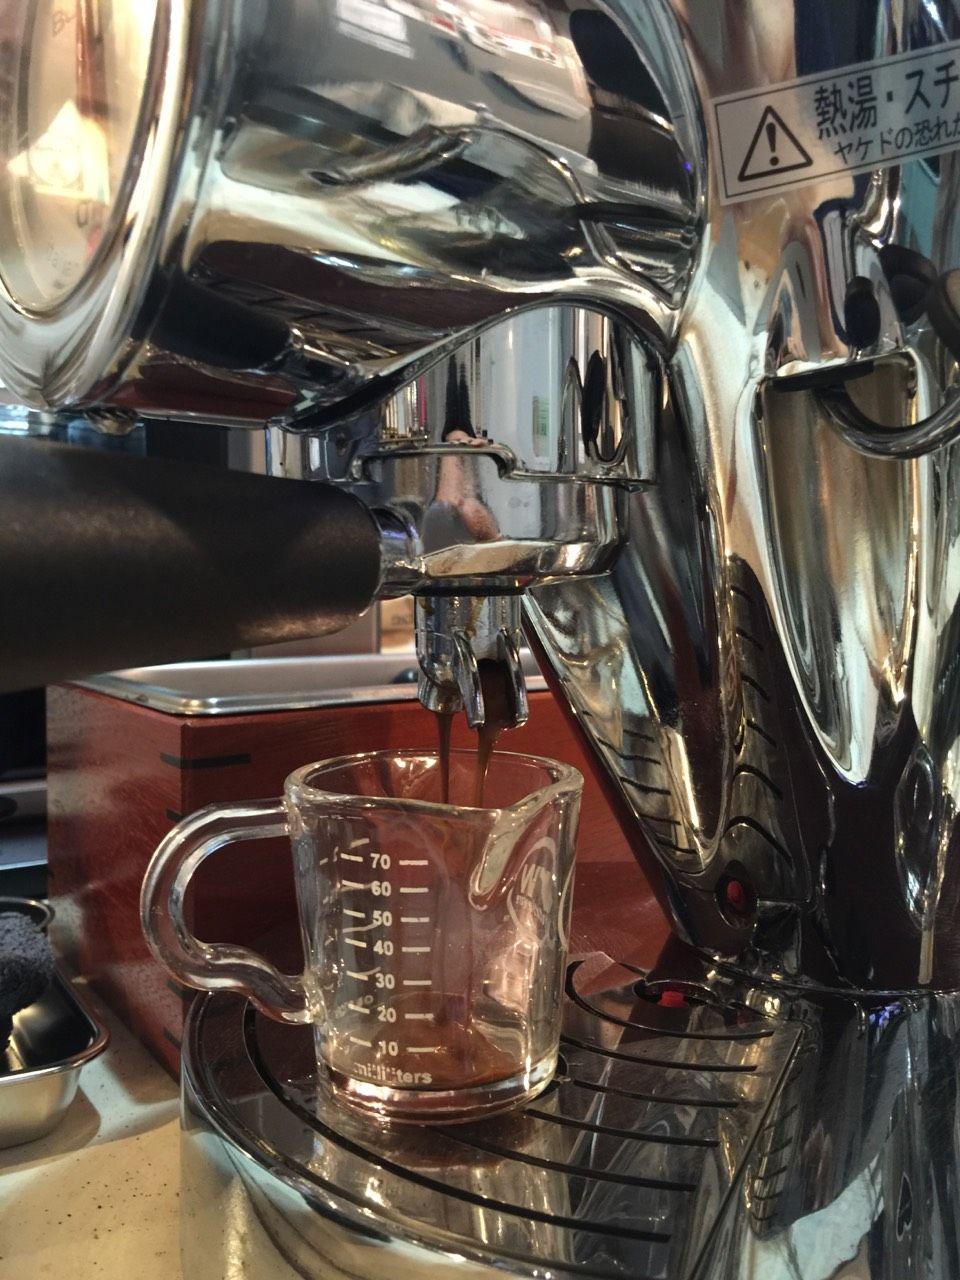 Bugatti Home Use Espresso Machine(red)ブガッティ 家庭用